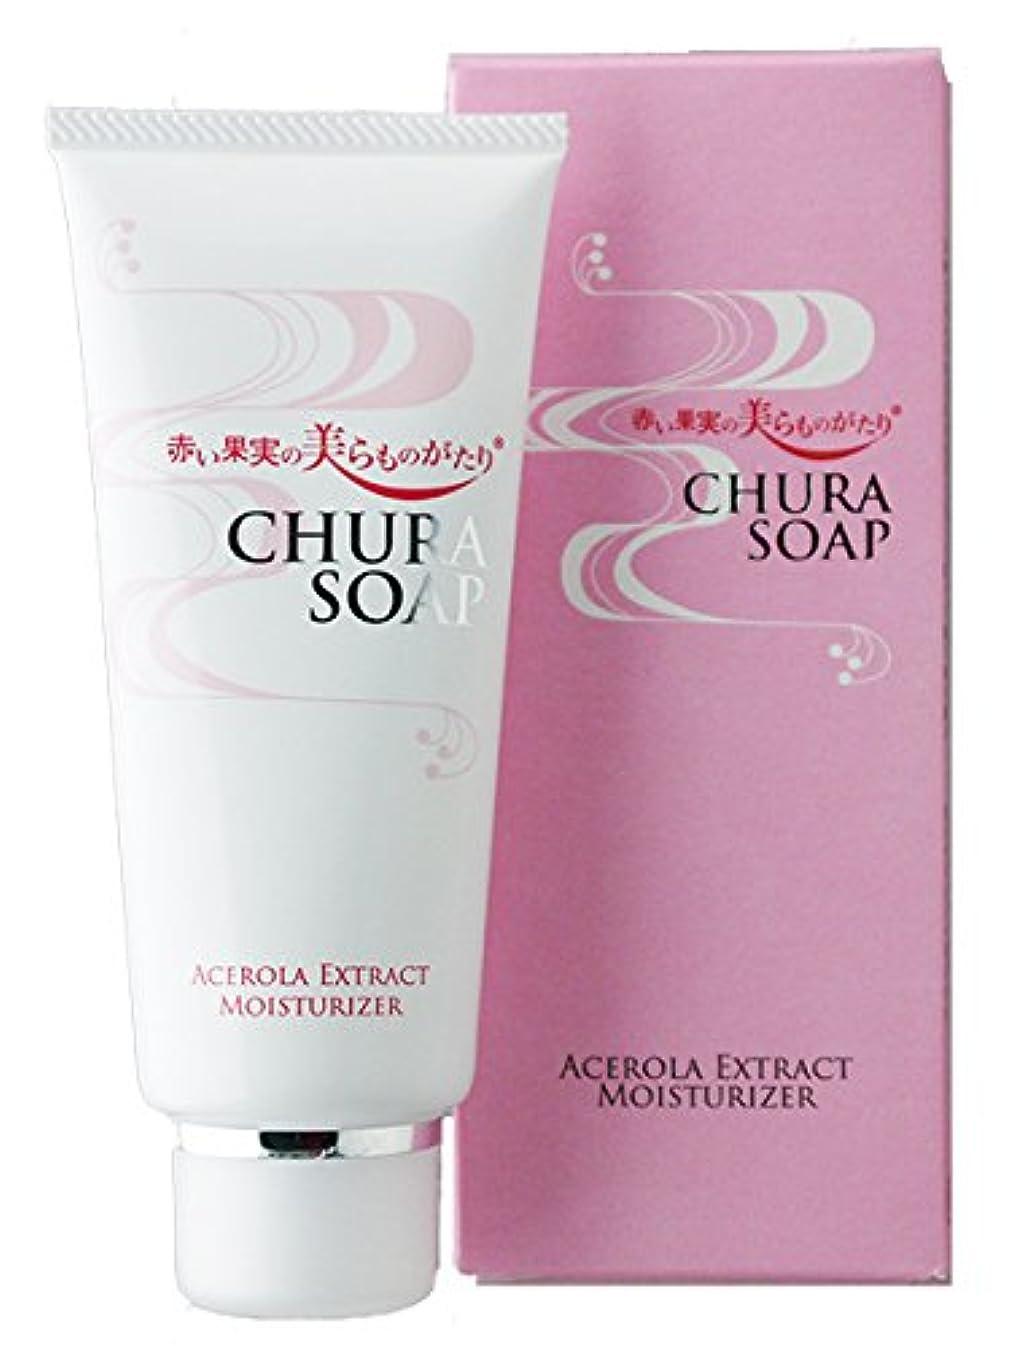 シャーク談話症候群赤い果実の美らものがたり CHURA SOAP 100g×12個 やんばる彩葉 沖縄生まれのアセロラ自然派化粧品